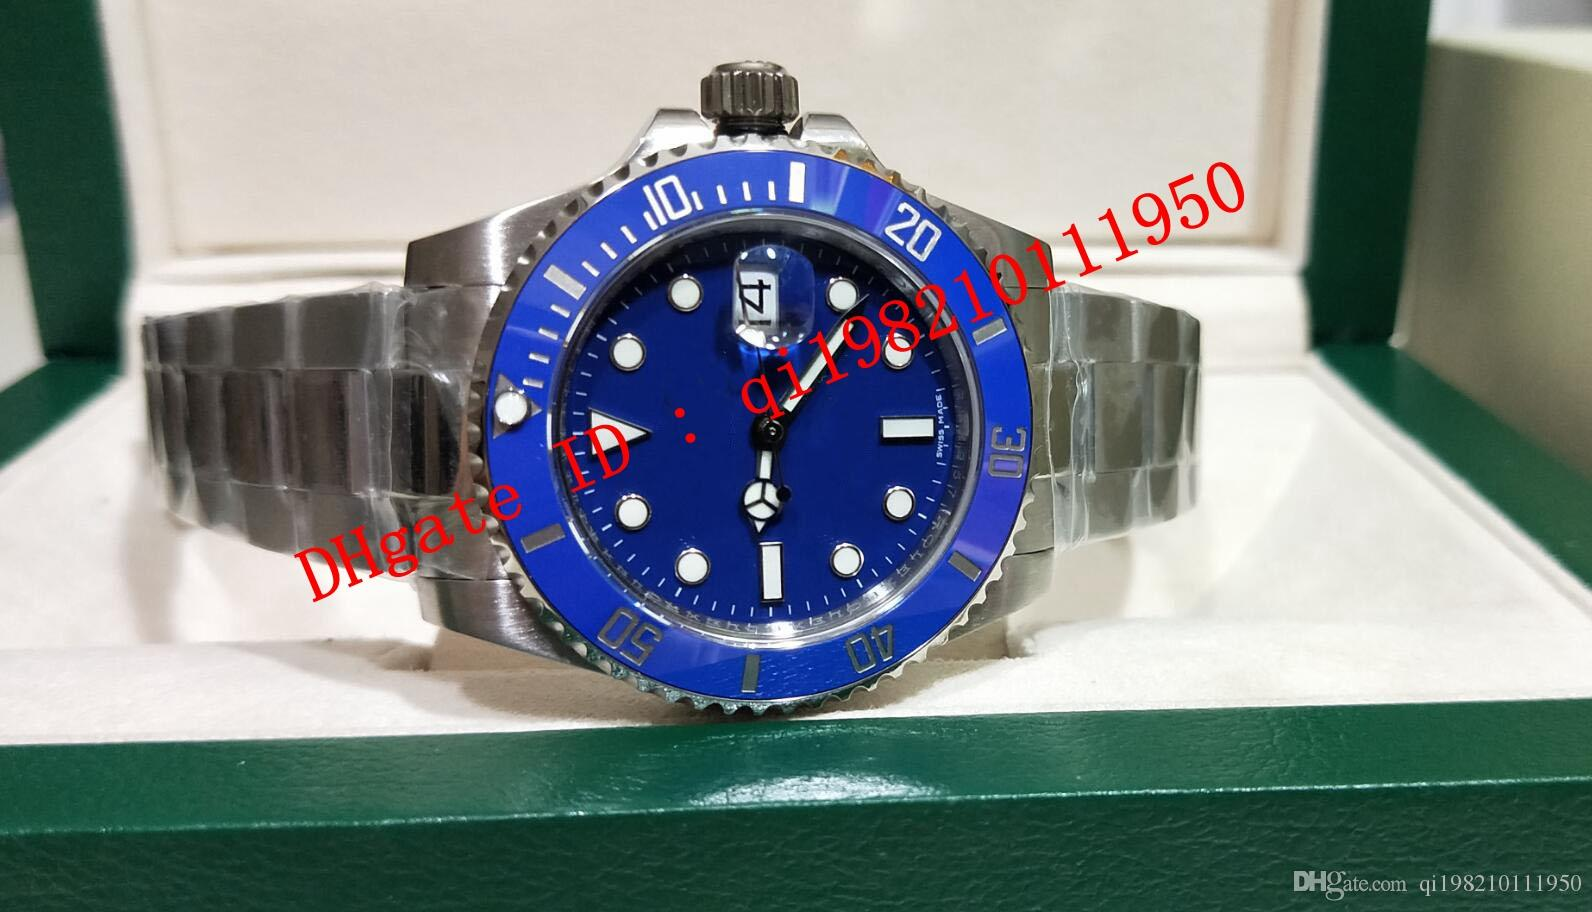 6 estilo Top Quality VO5 2813 Movimento Cerâmica Bezel Blue Dail 40mm 116610 116610lv 116613 116660 116619 Caixa original Mens relógio relógios